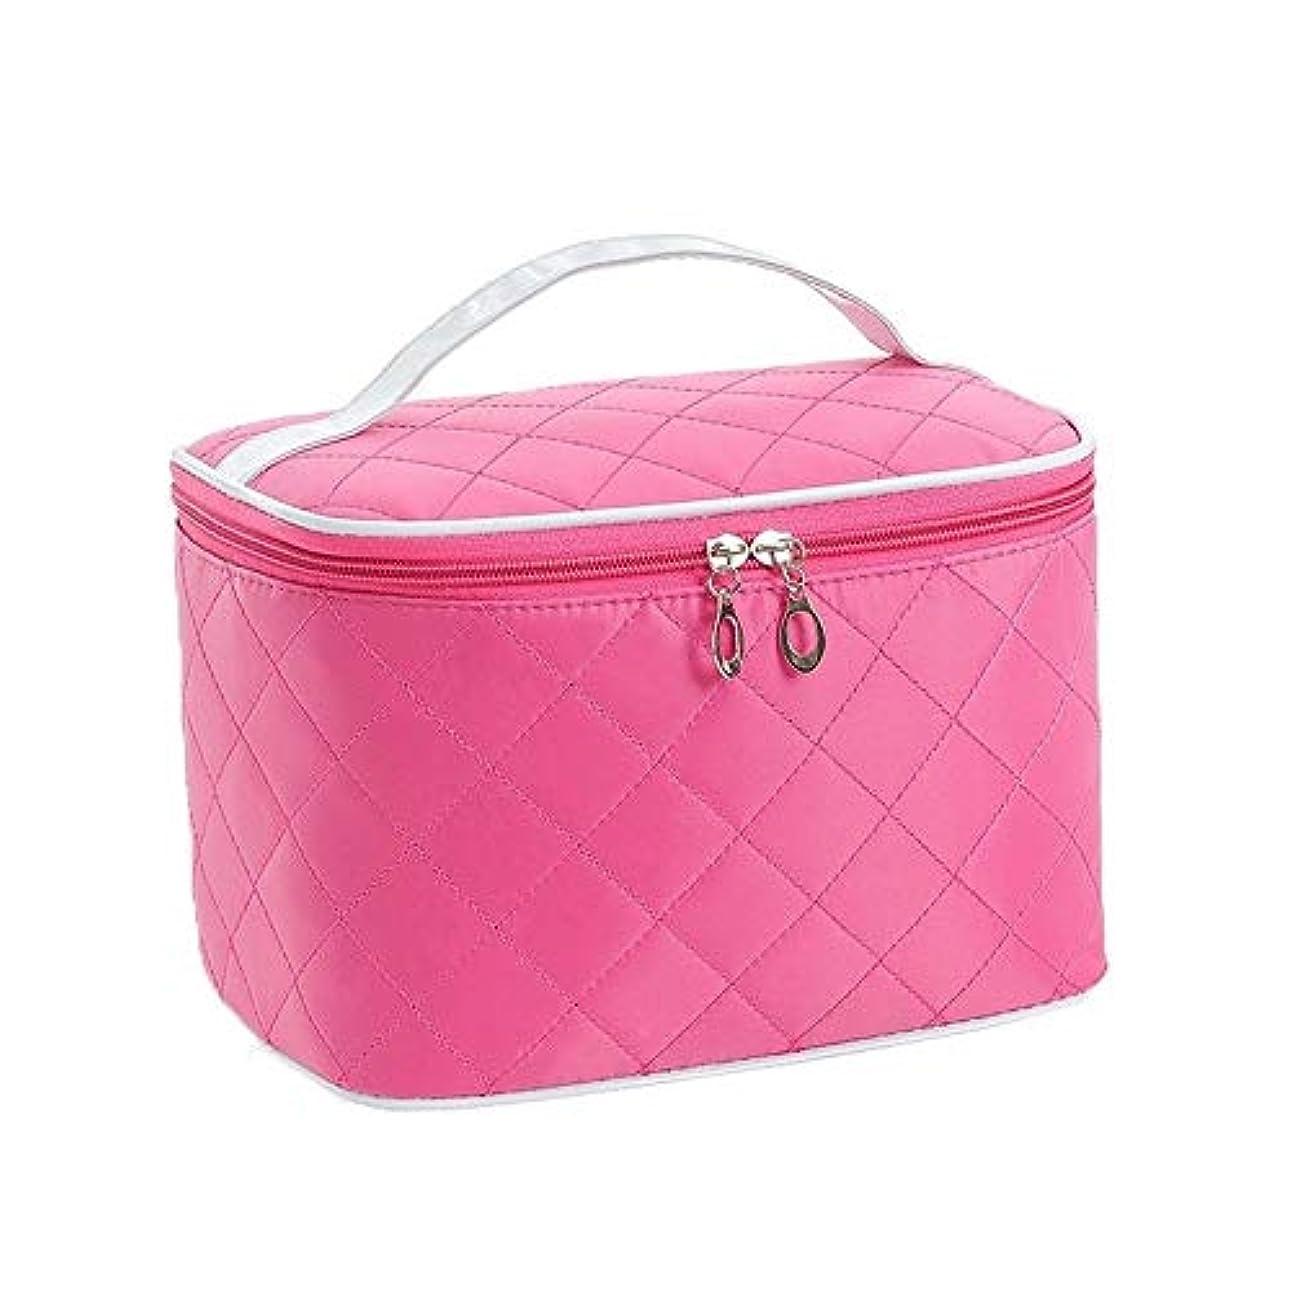 ジーンズとティームグリットVenenos ハンドル収納袋が付いている化粧箱の大きい宇宙旅行化粧品の箱のポータブル化粧品袋